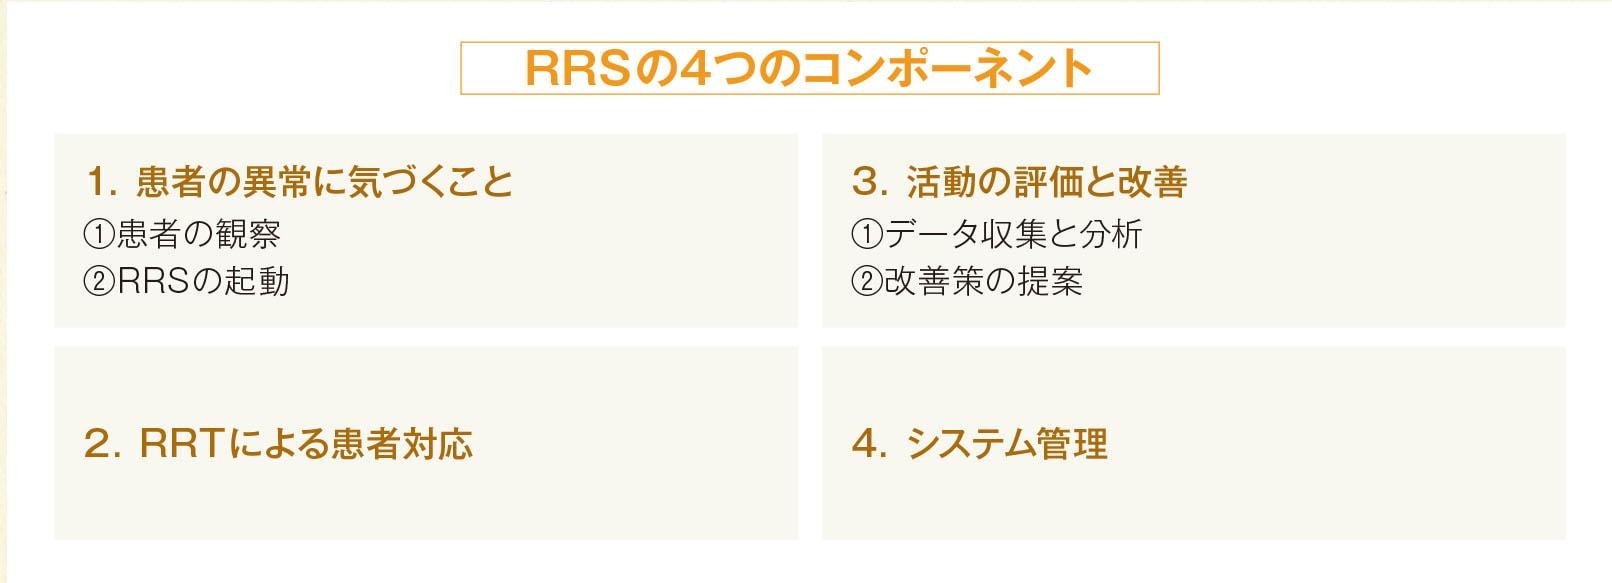 RRSの4つのコンポネント説明表